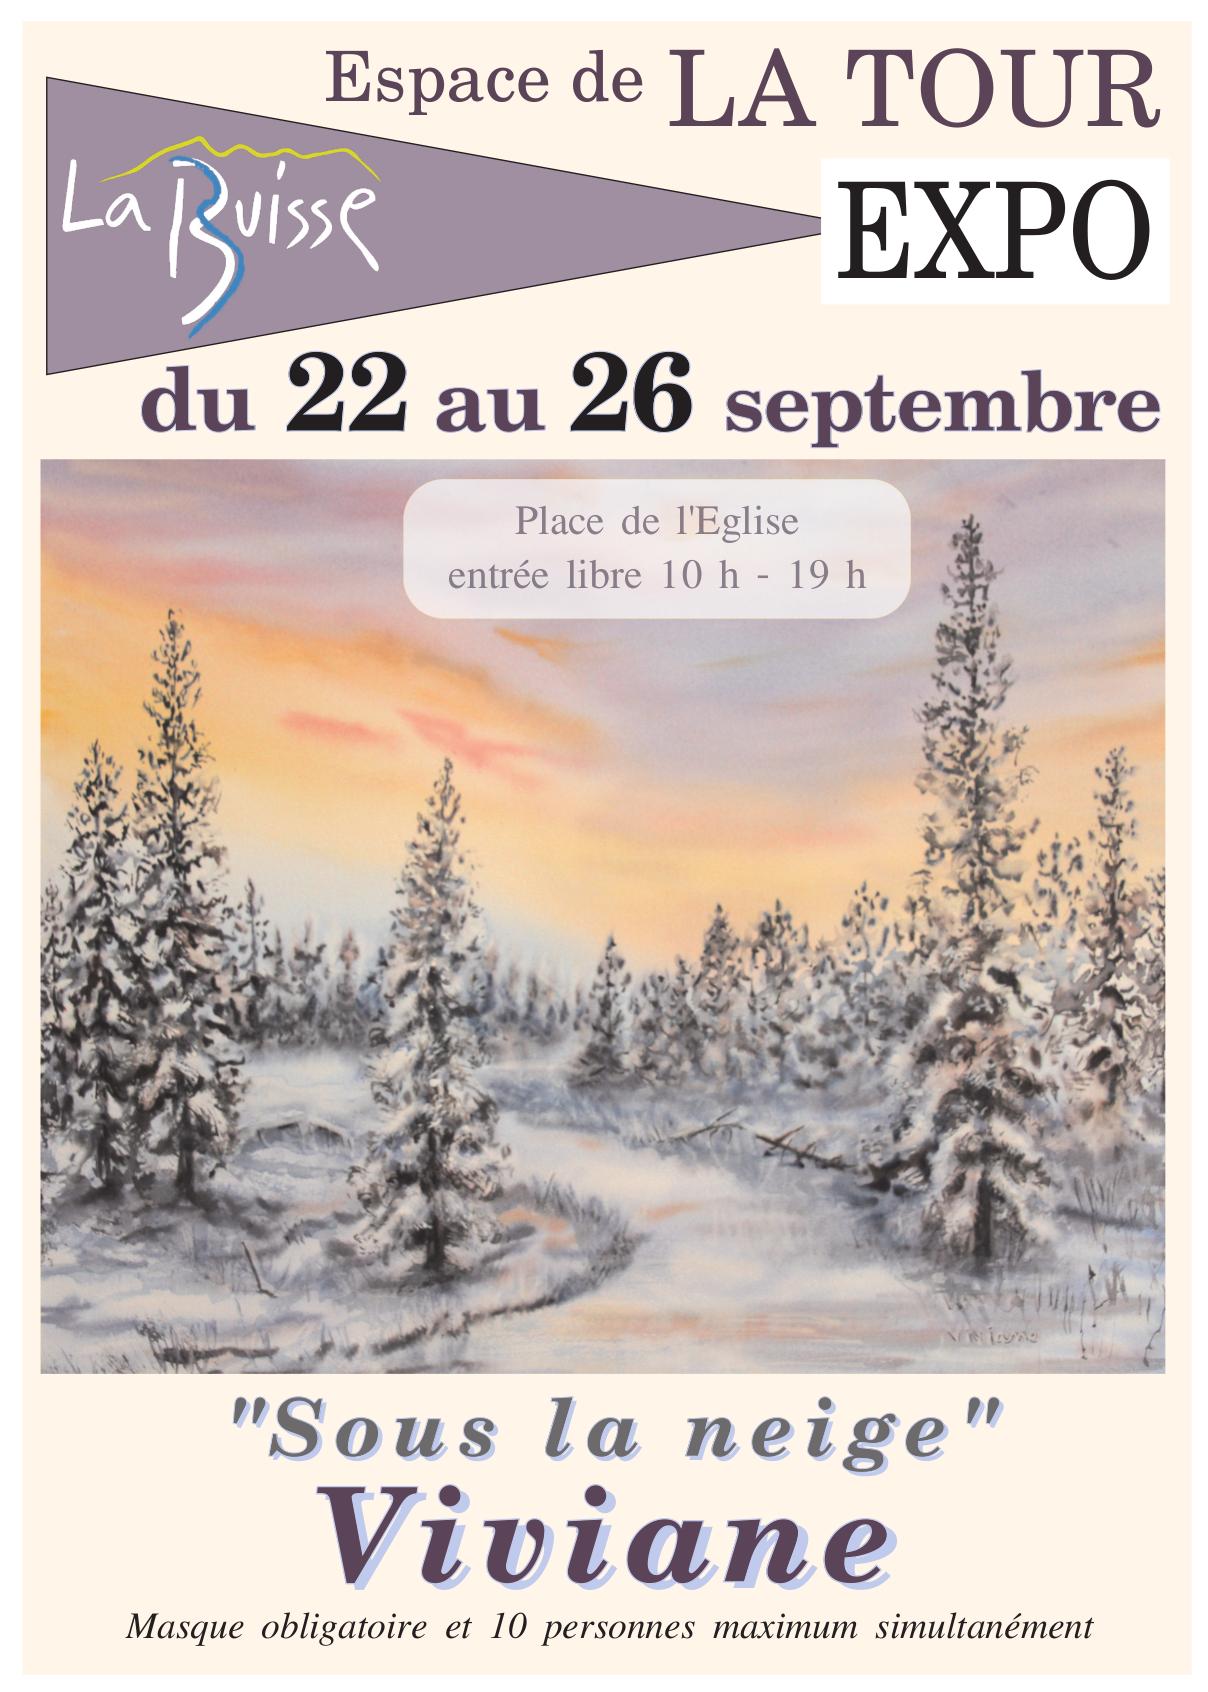 """Image de couverture - Exposition de Viviane """"Sous la neige"""" à l'Espace de la Tour du 22 au 26 septembre 2021"""